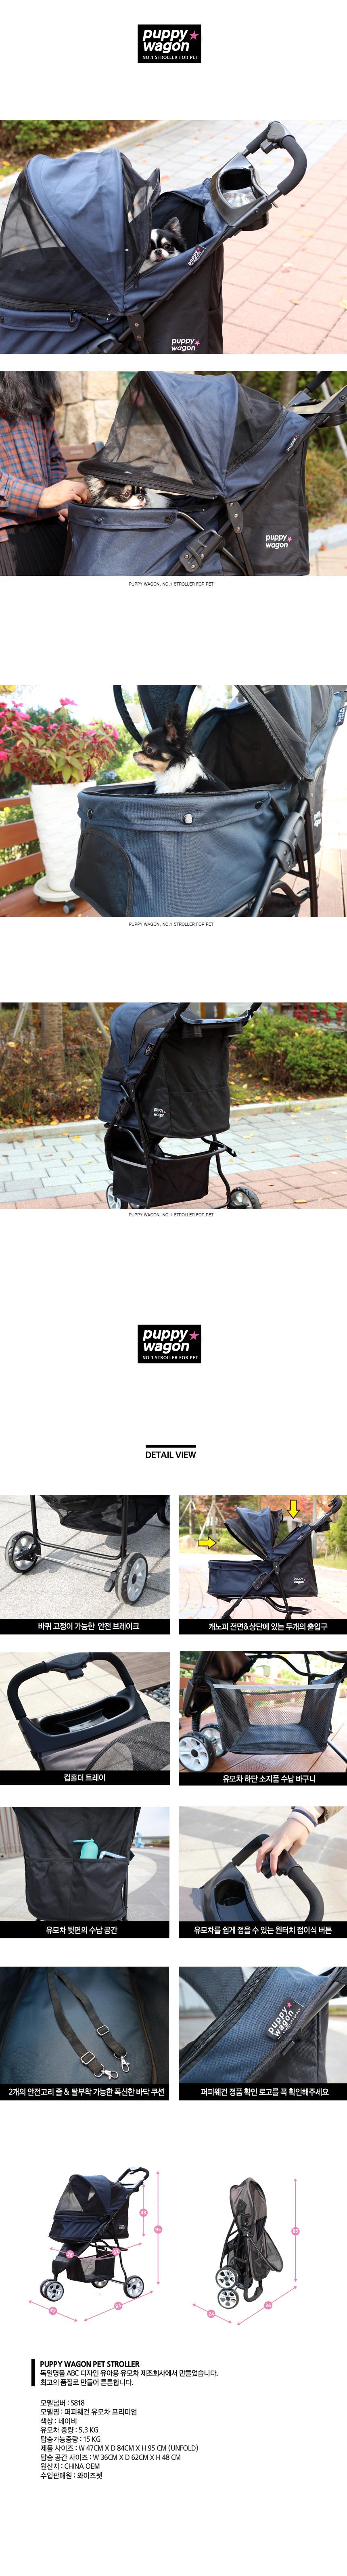 퍼피웨건 강아지 유모차 프리미엄 네이비 - 와이즈펫, 130,000원, 이동장/리드줄/야외용품, 유모차